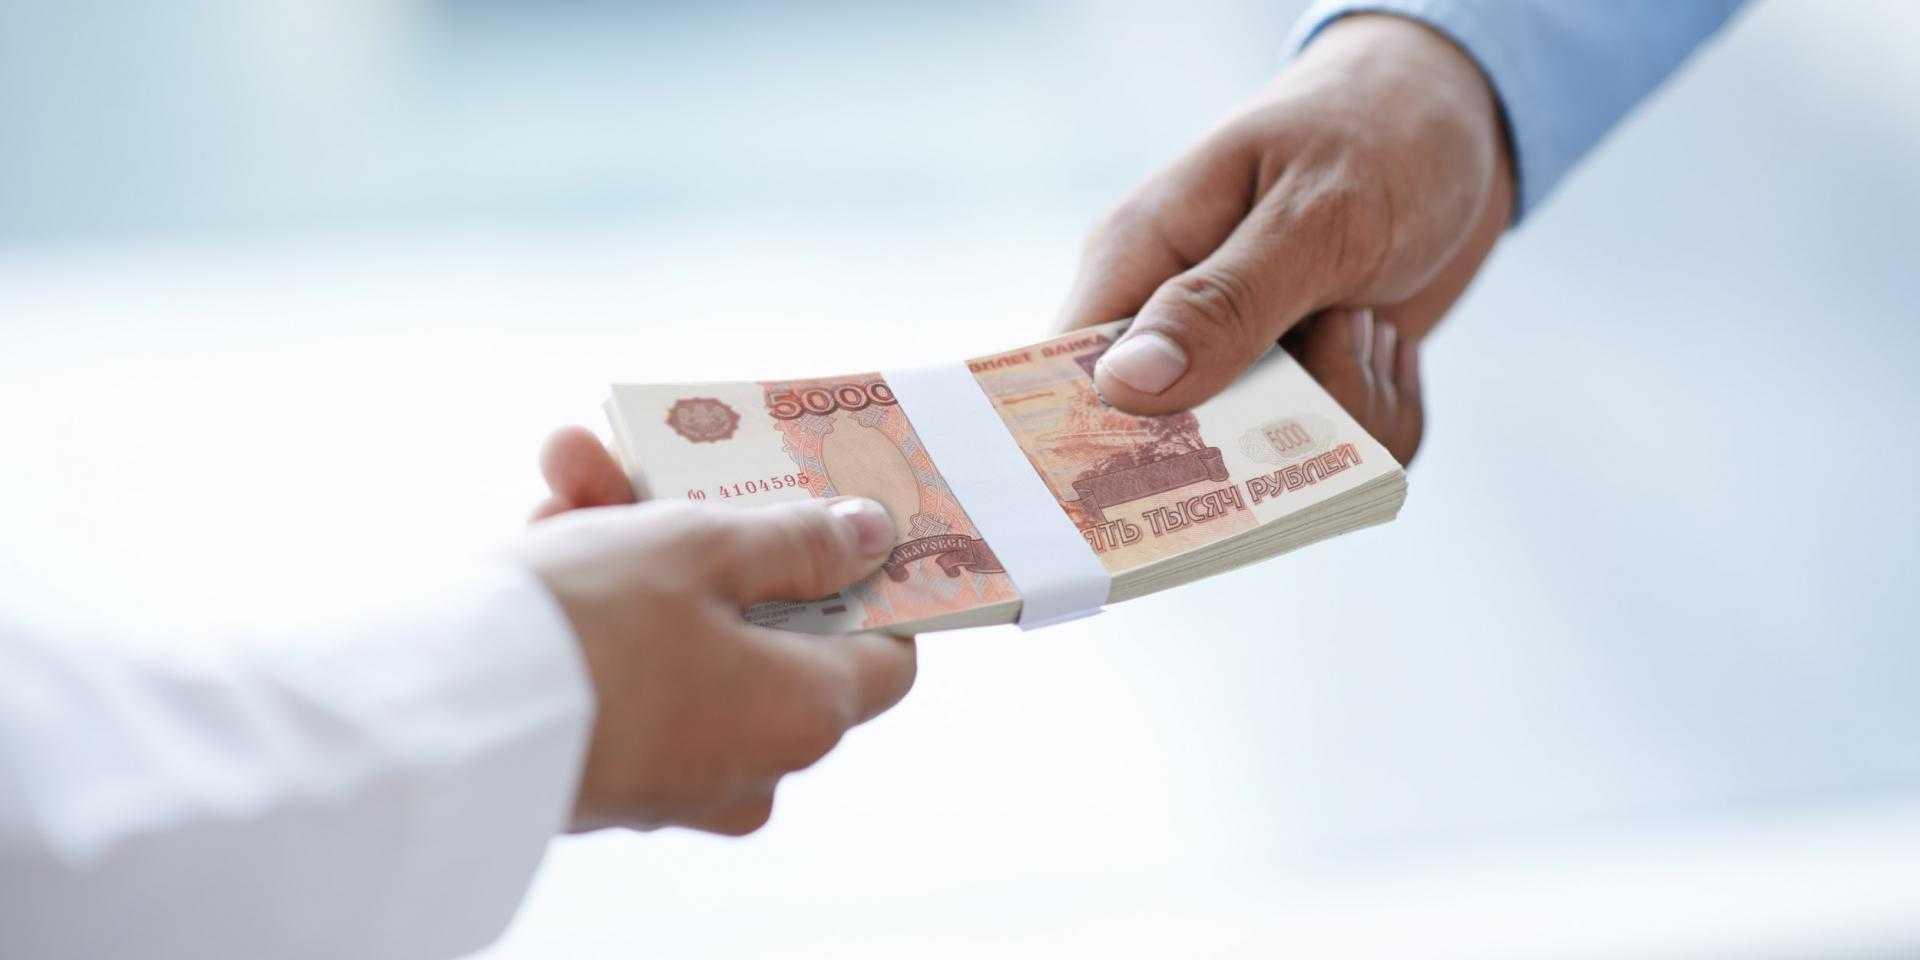 круглосуточные займы онлайн без отказов оформить кредит онлайн с моментальным решением без справок на карту сразу